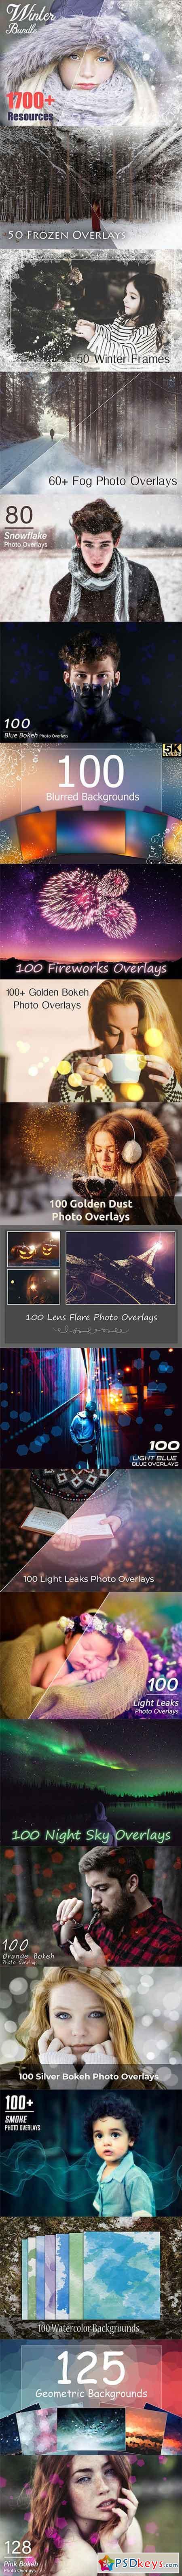 1700+ Christmas Effects Bundle 3062885